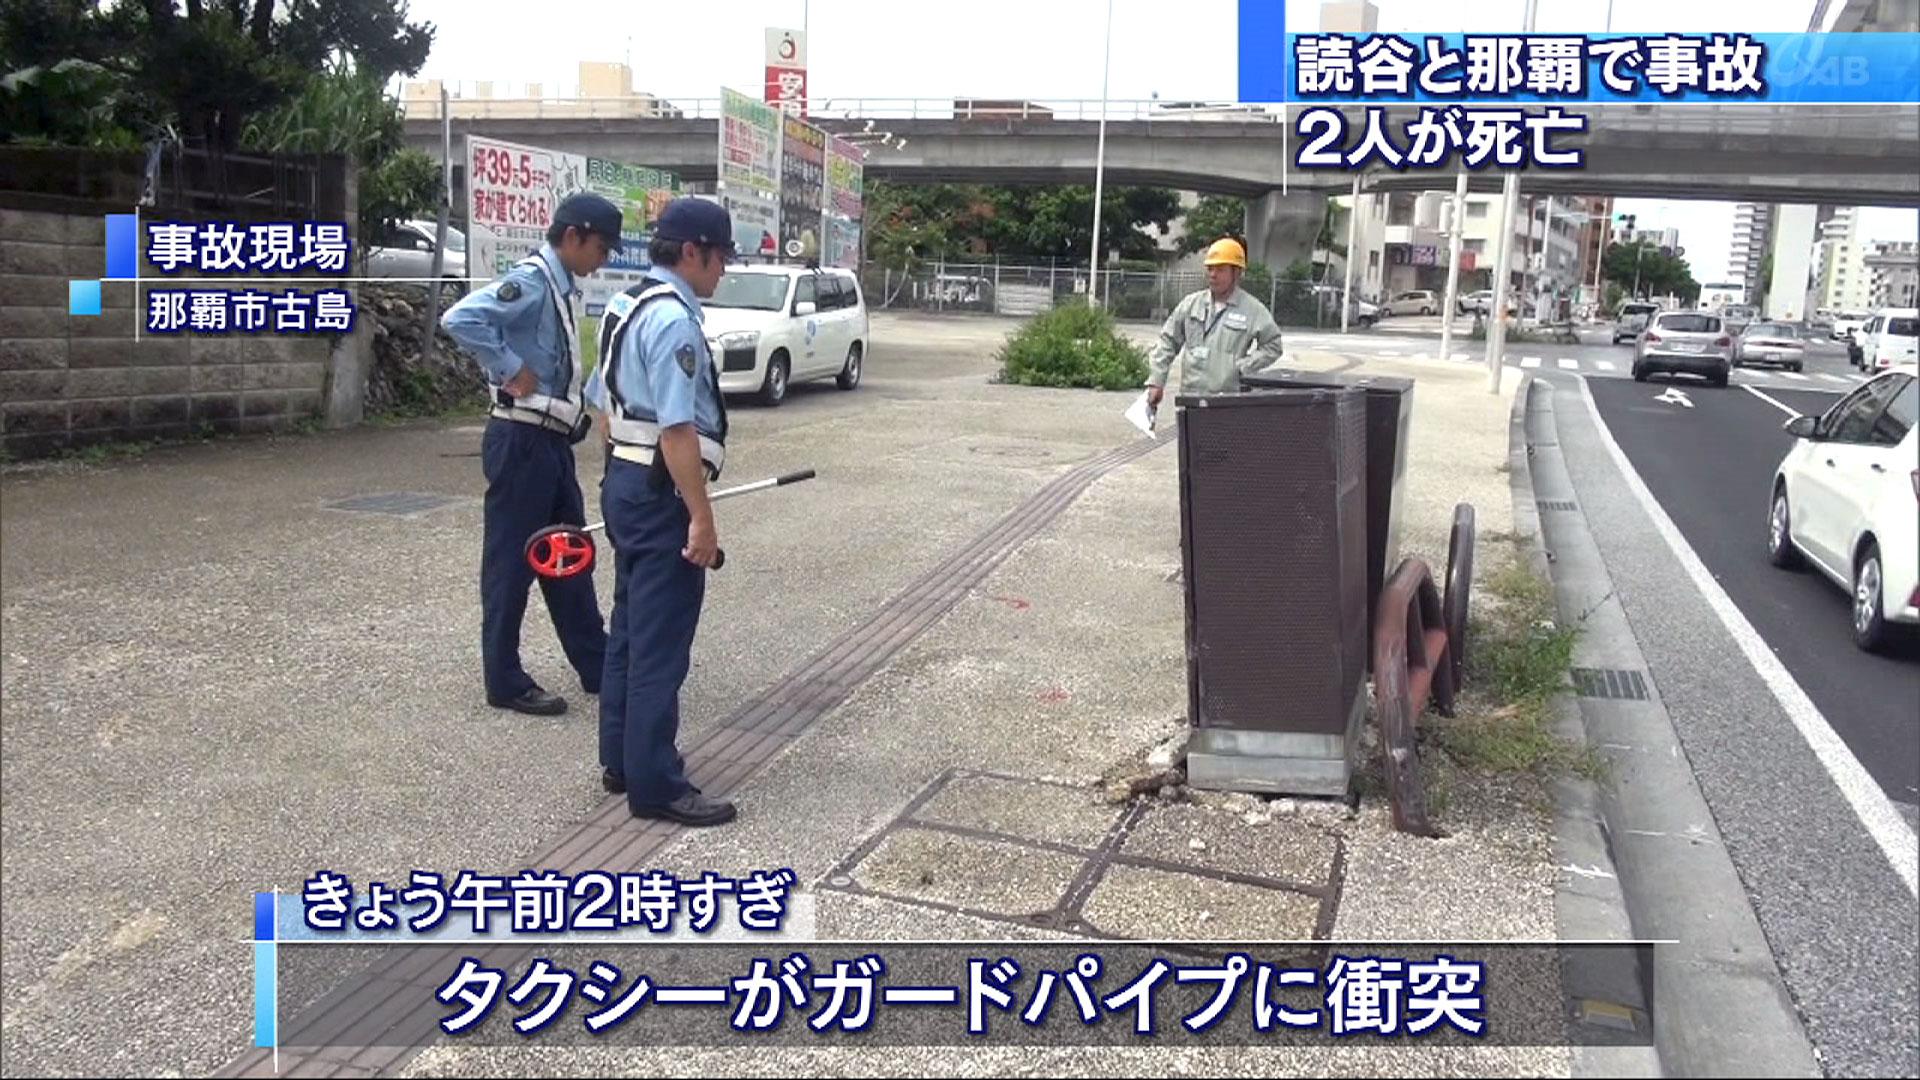 那覇と読谷で交通事故 2人死亡